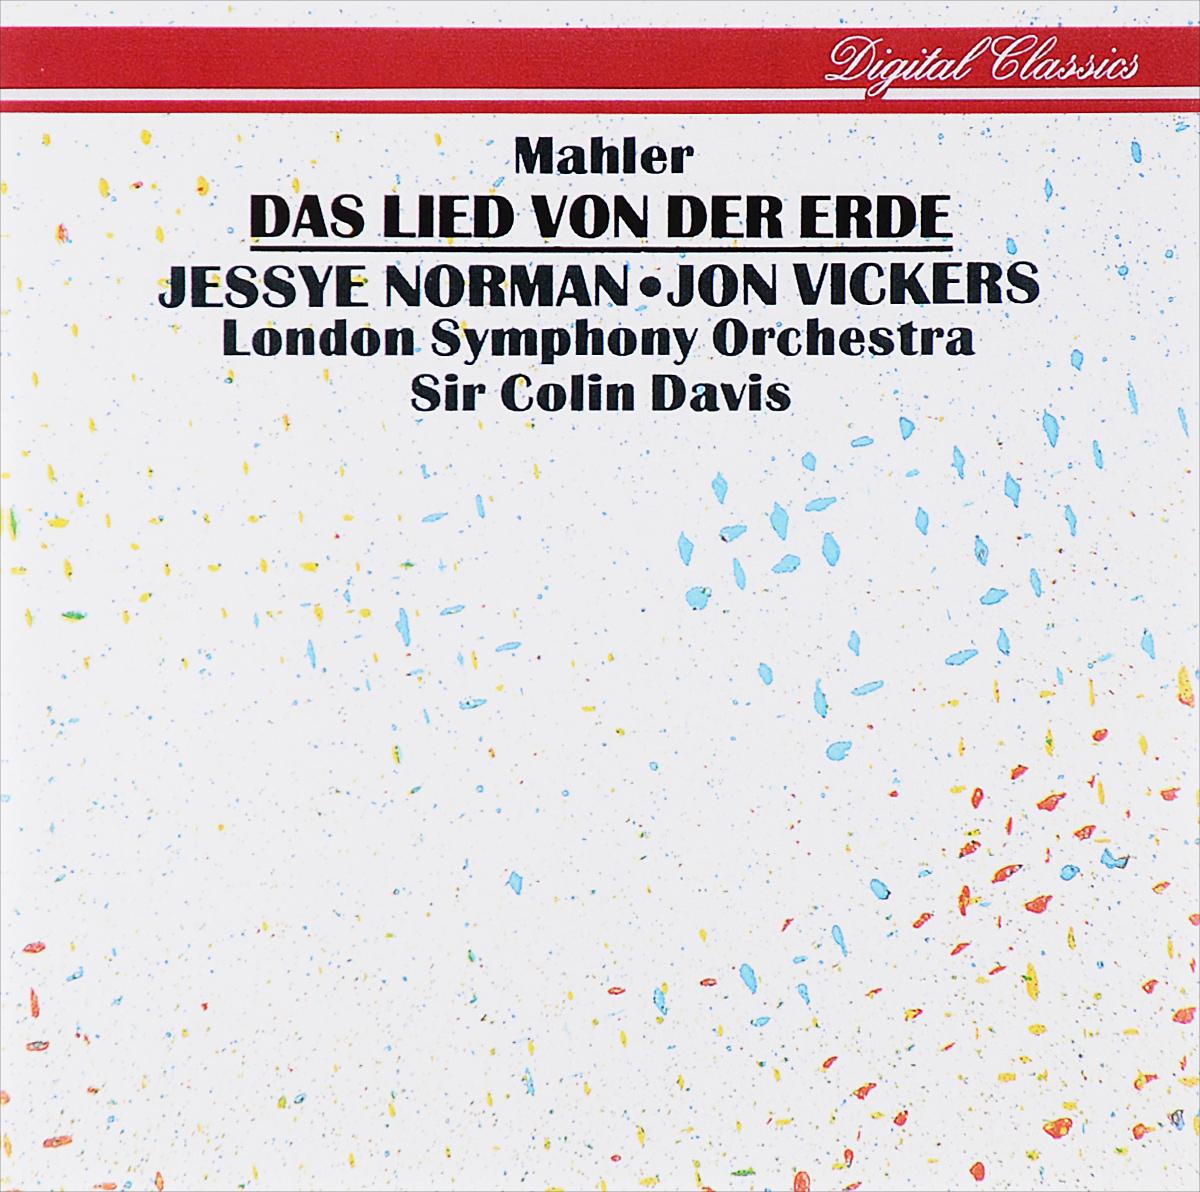 Джесси Норман,Йон Викерс,The London Symphony Orchestra,Колин Дэвис Jessye Norman. Mahler. Das Lied Von Der Erde mahler leonard bernstein symponies nos 9 & 10 das lied von der erde 2 dvd page 4